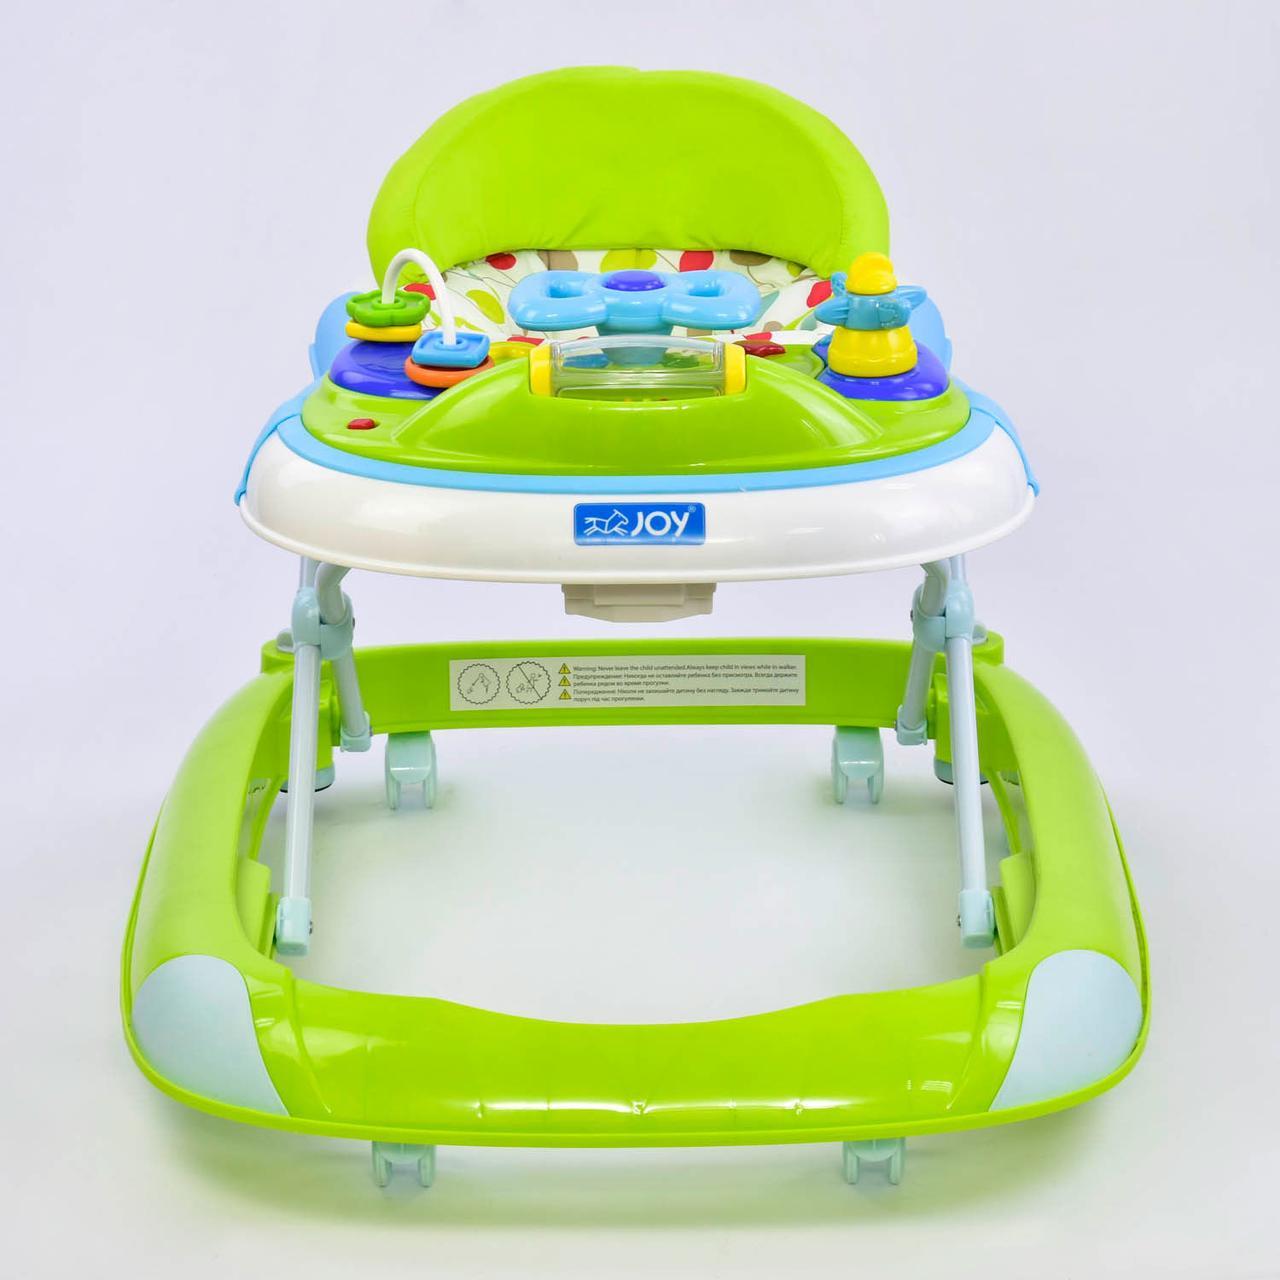 Ходунки для малышей JOY W 1118 PB 8 салатовый